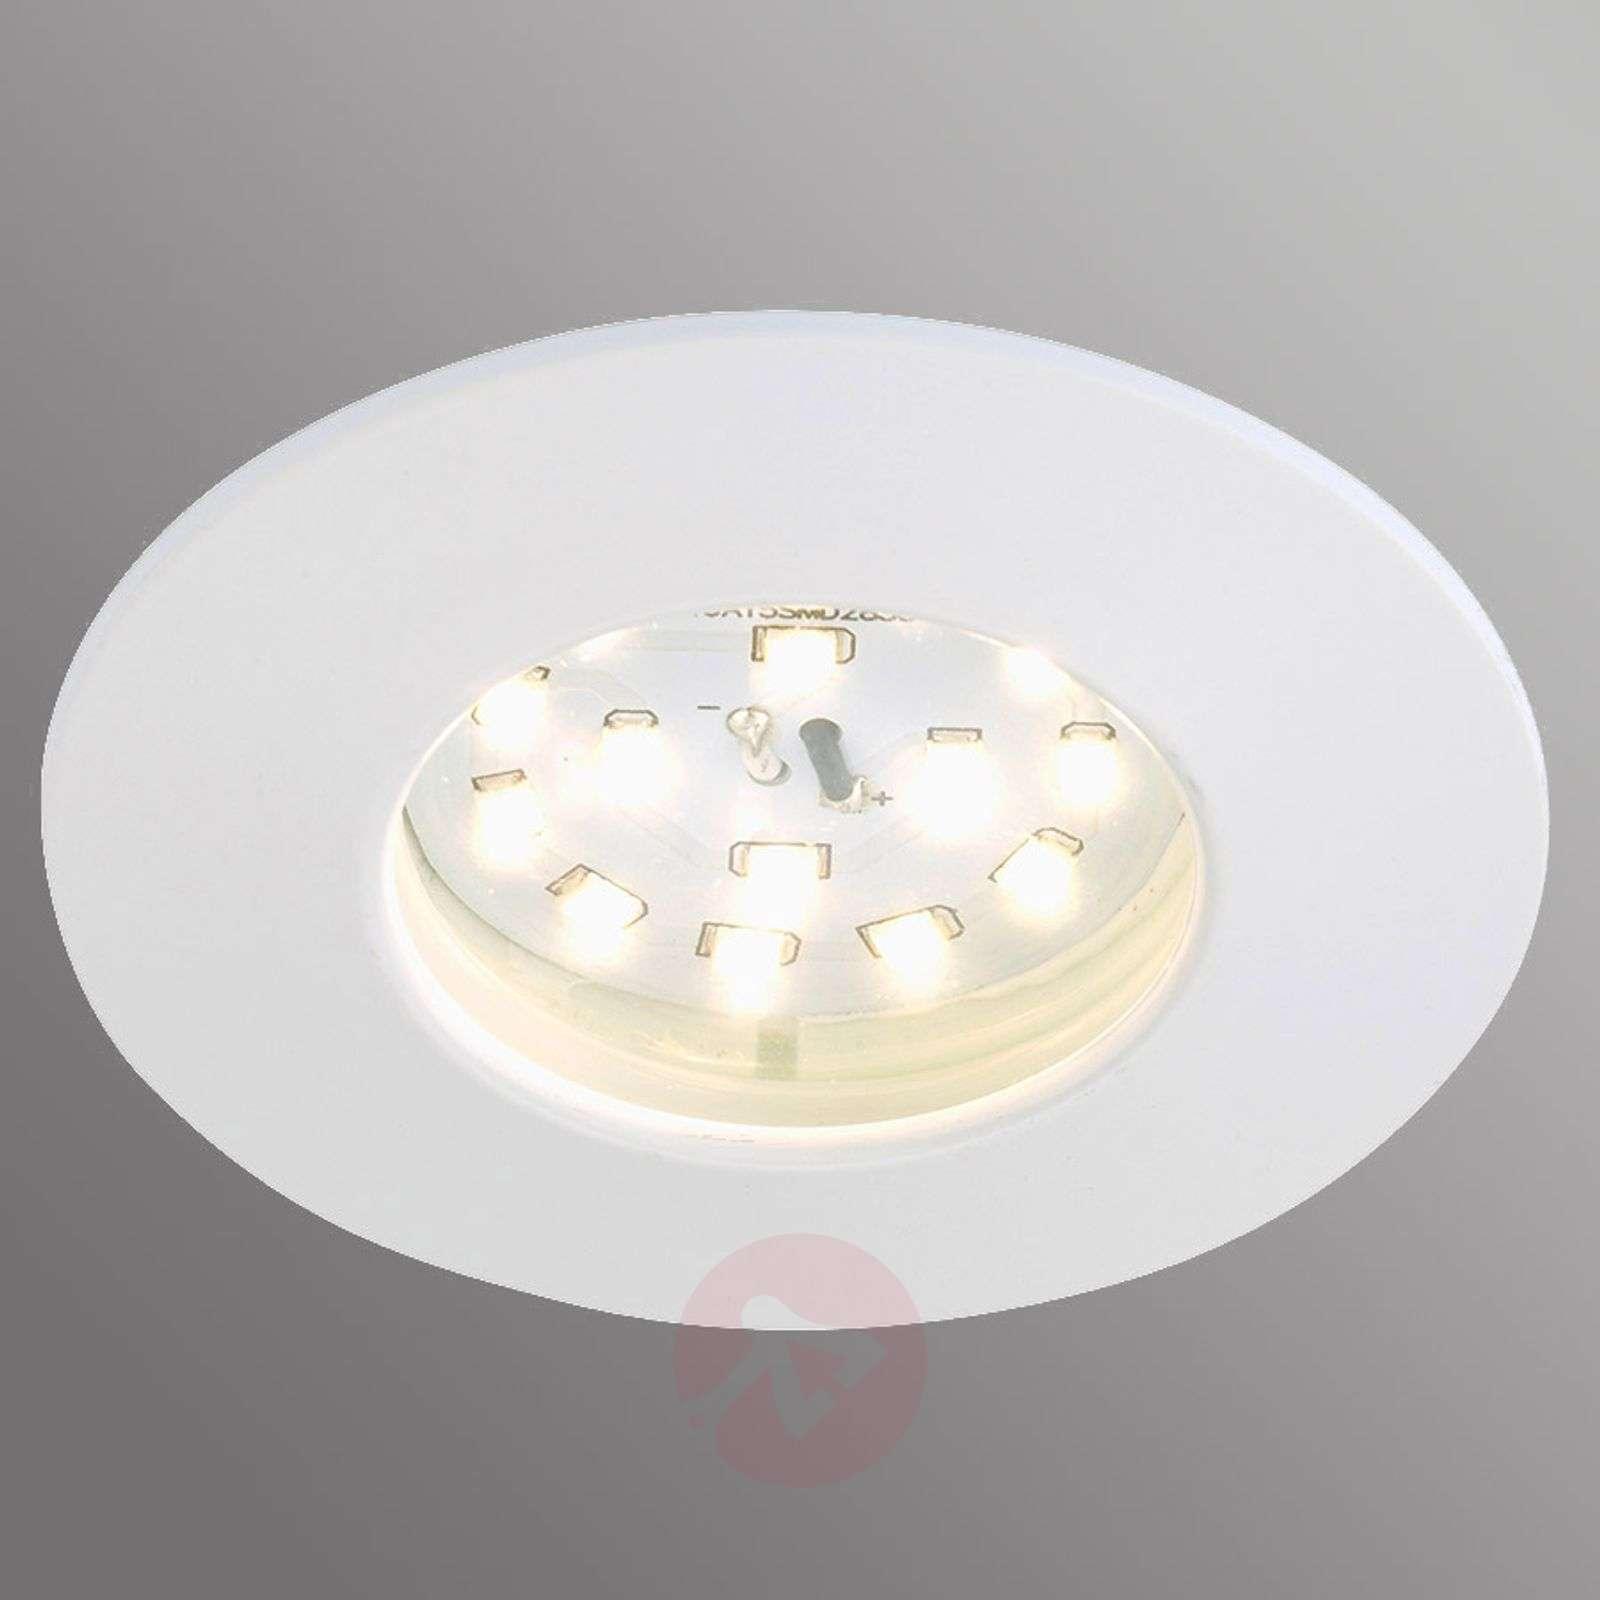 Valkoinen Till-LED-uppovalaisin ulkotiloihin